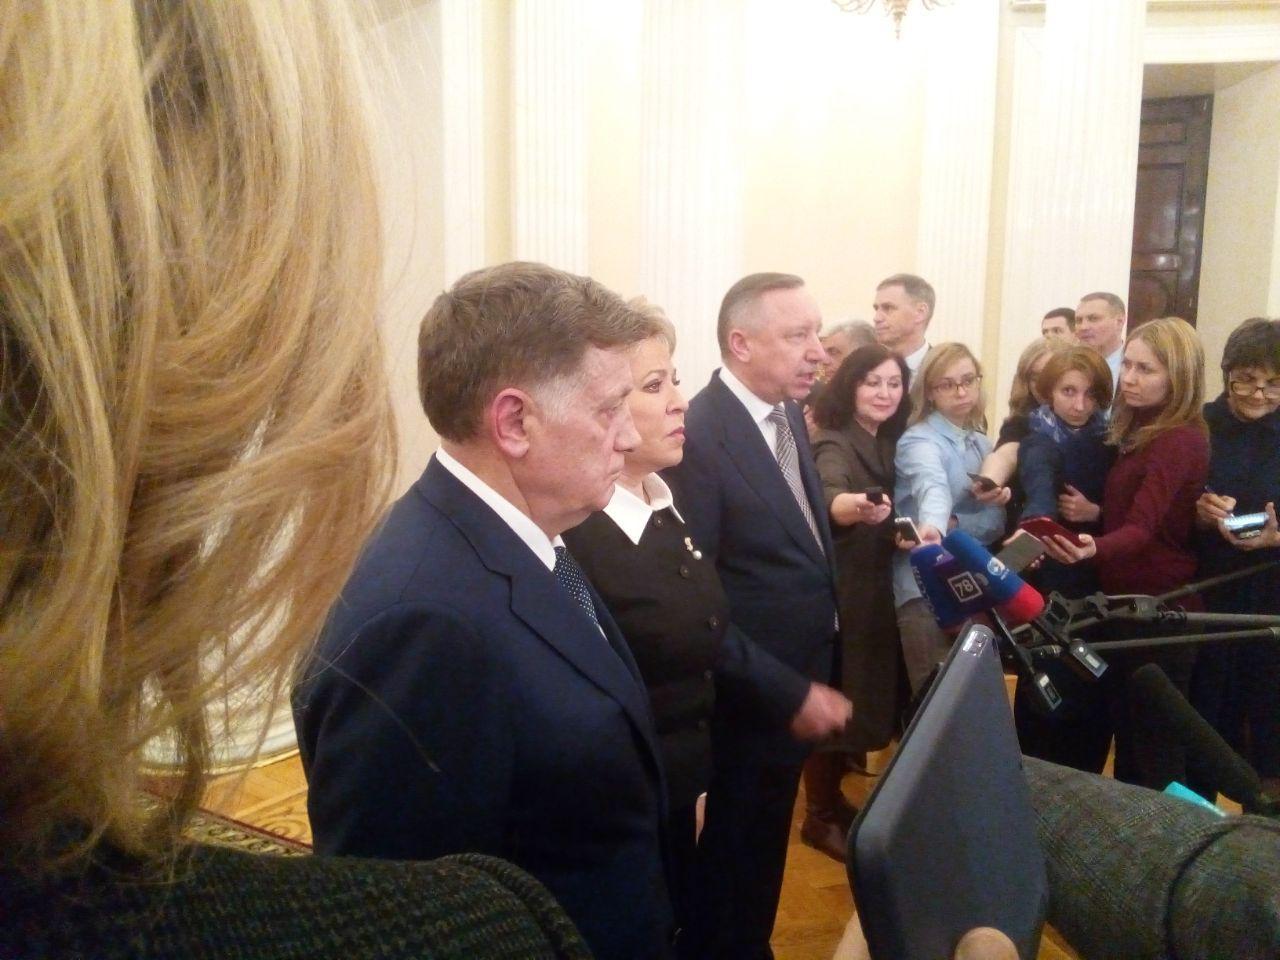 фото ЗакС политика Беглов подошел к прессе после заседания ЗакСа, но вопросов ему не задали